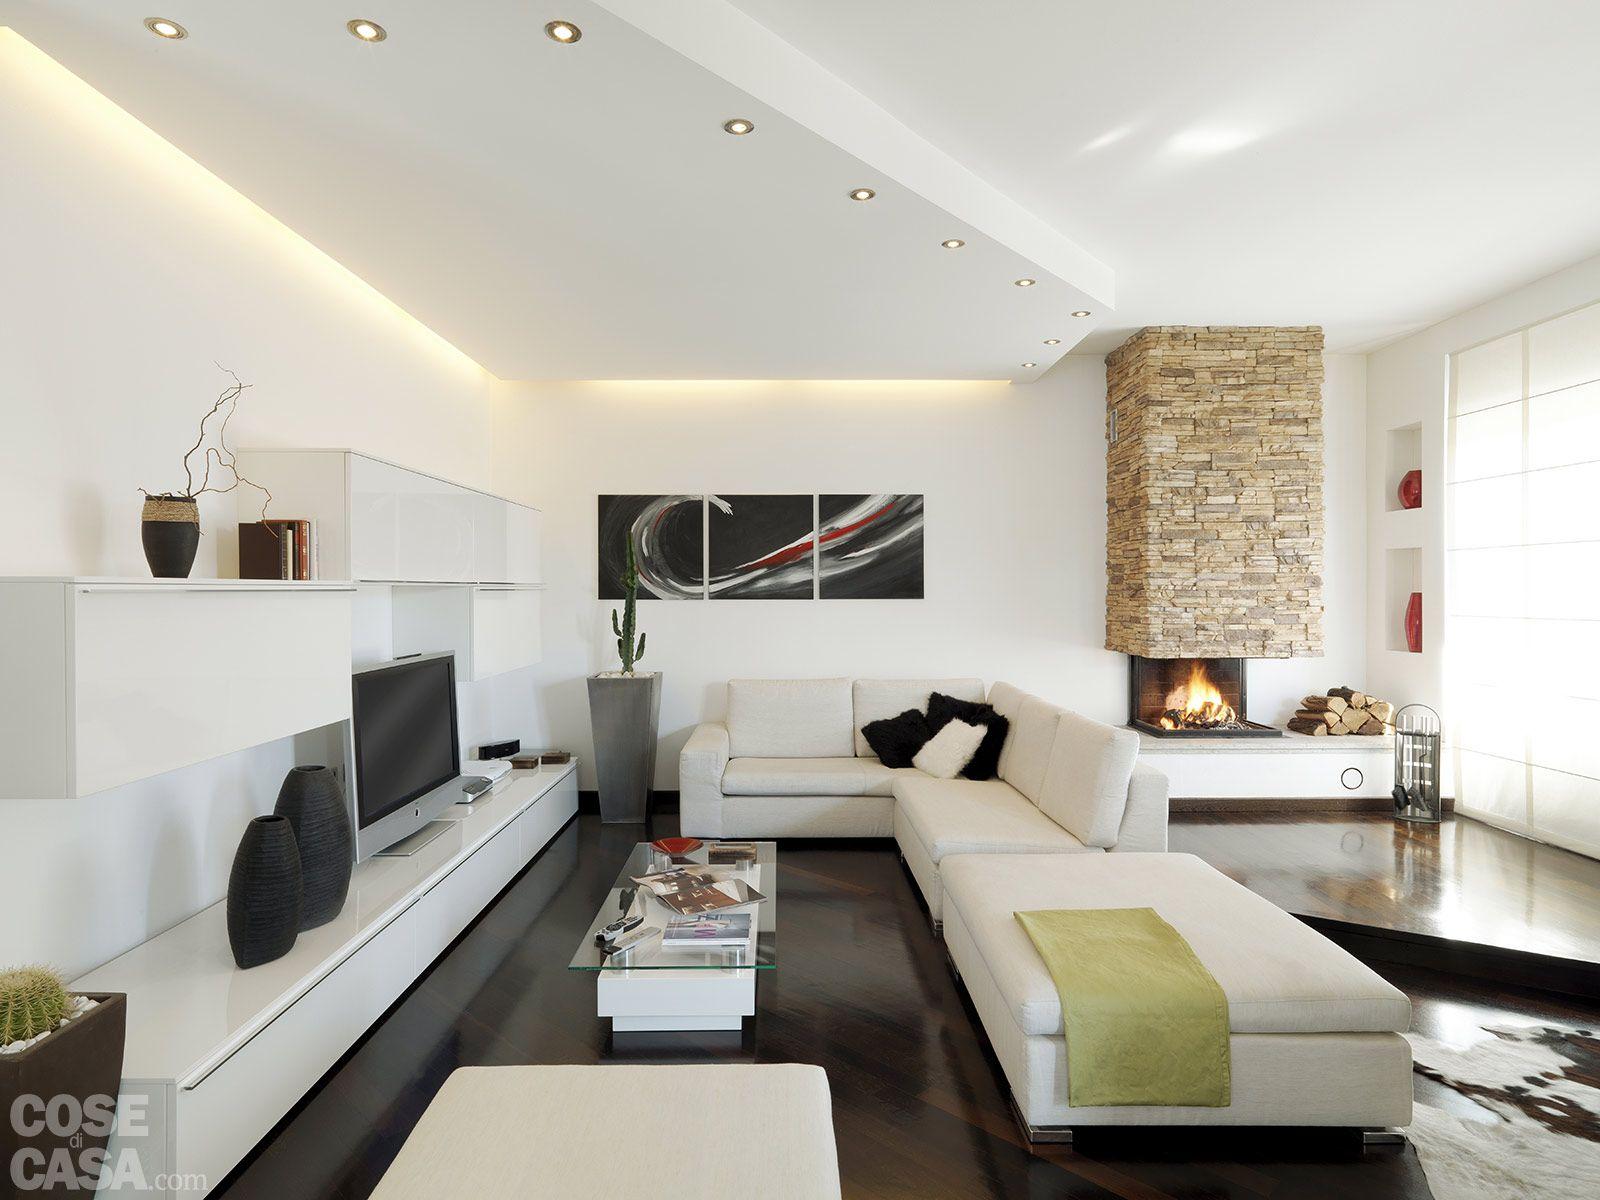 Una casa moderna su livelli sfalsati - Cose di Casa | bagno ...